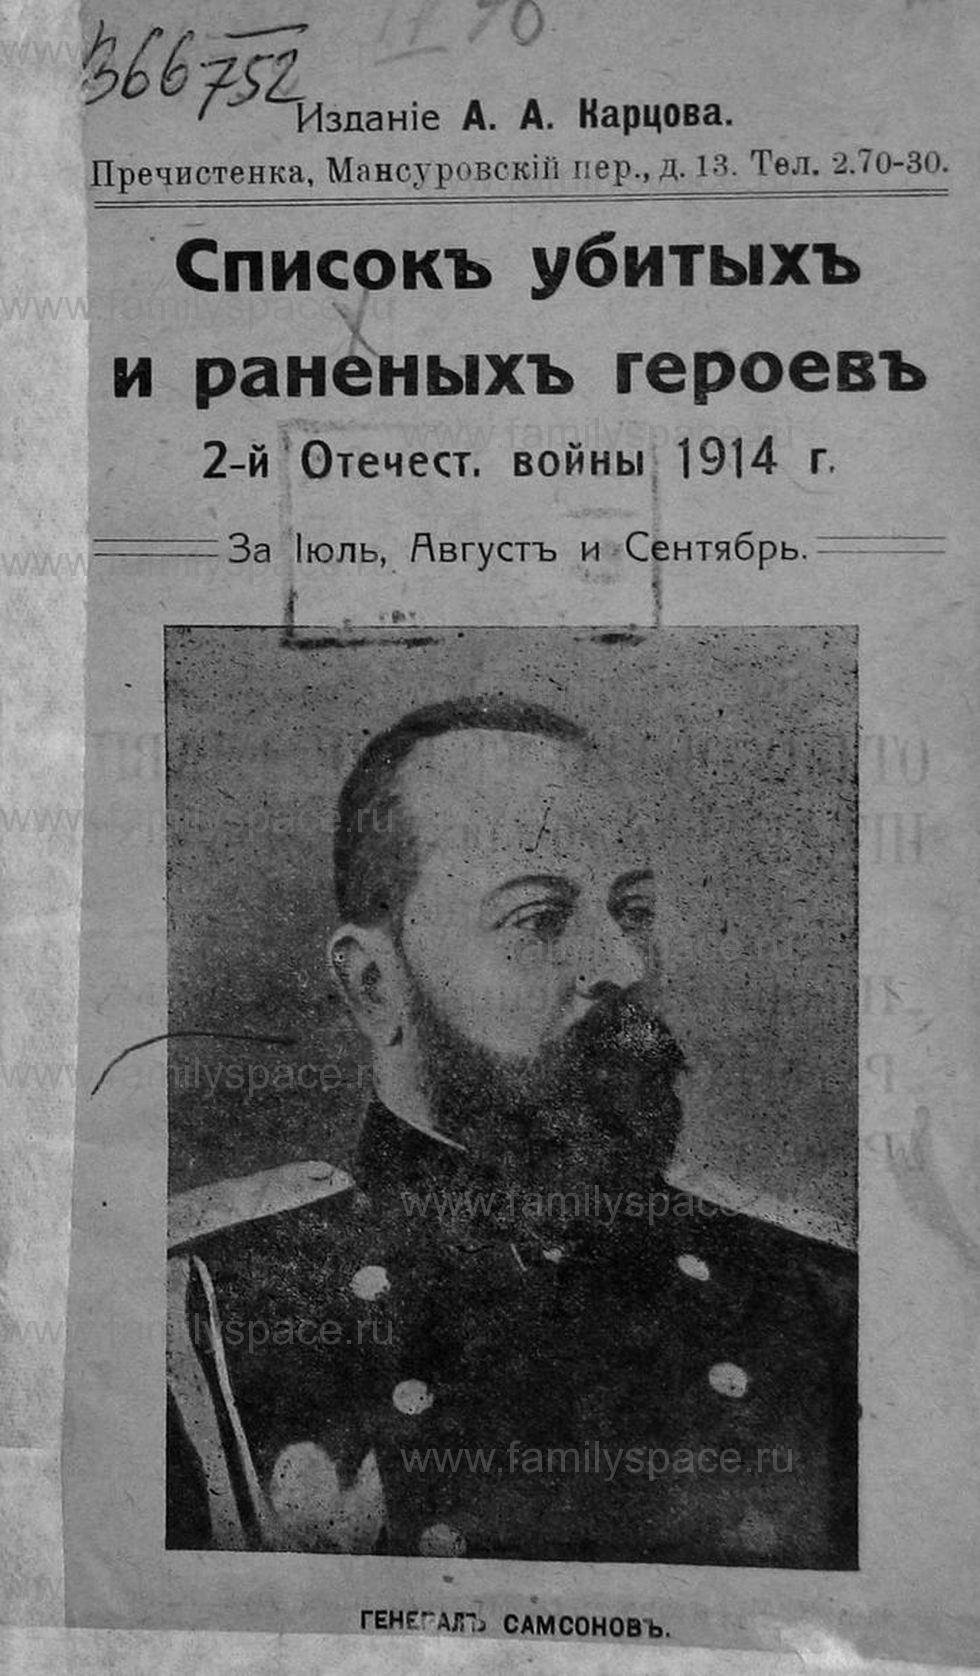 Поиск по фамилии - Первая мировая война - 1914 (списки убитых и раненых), страница 1